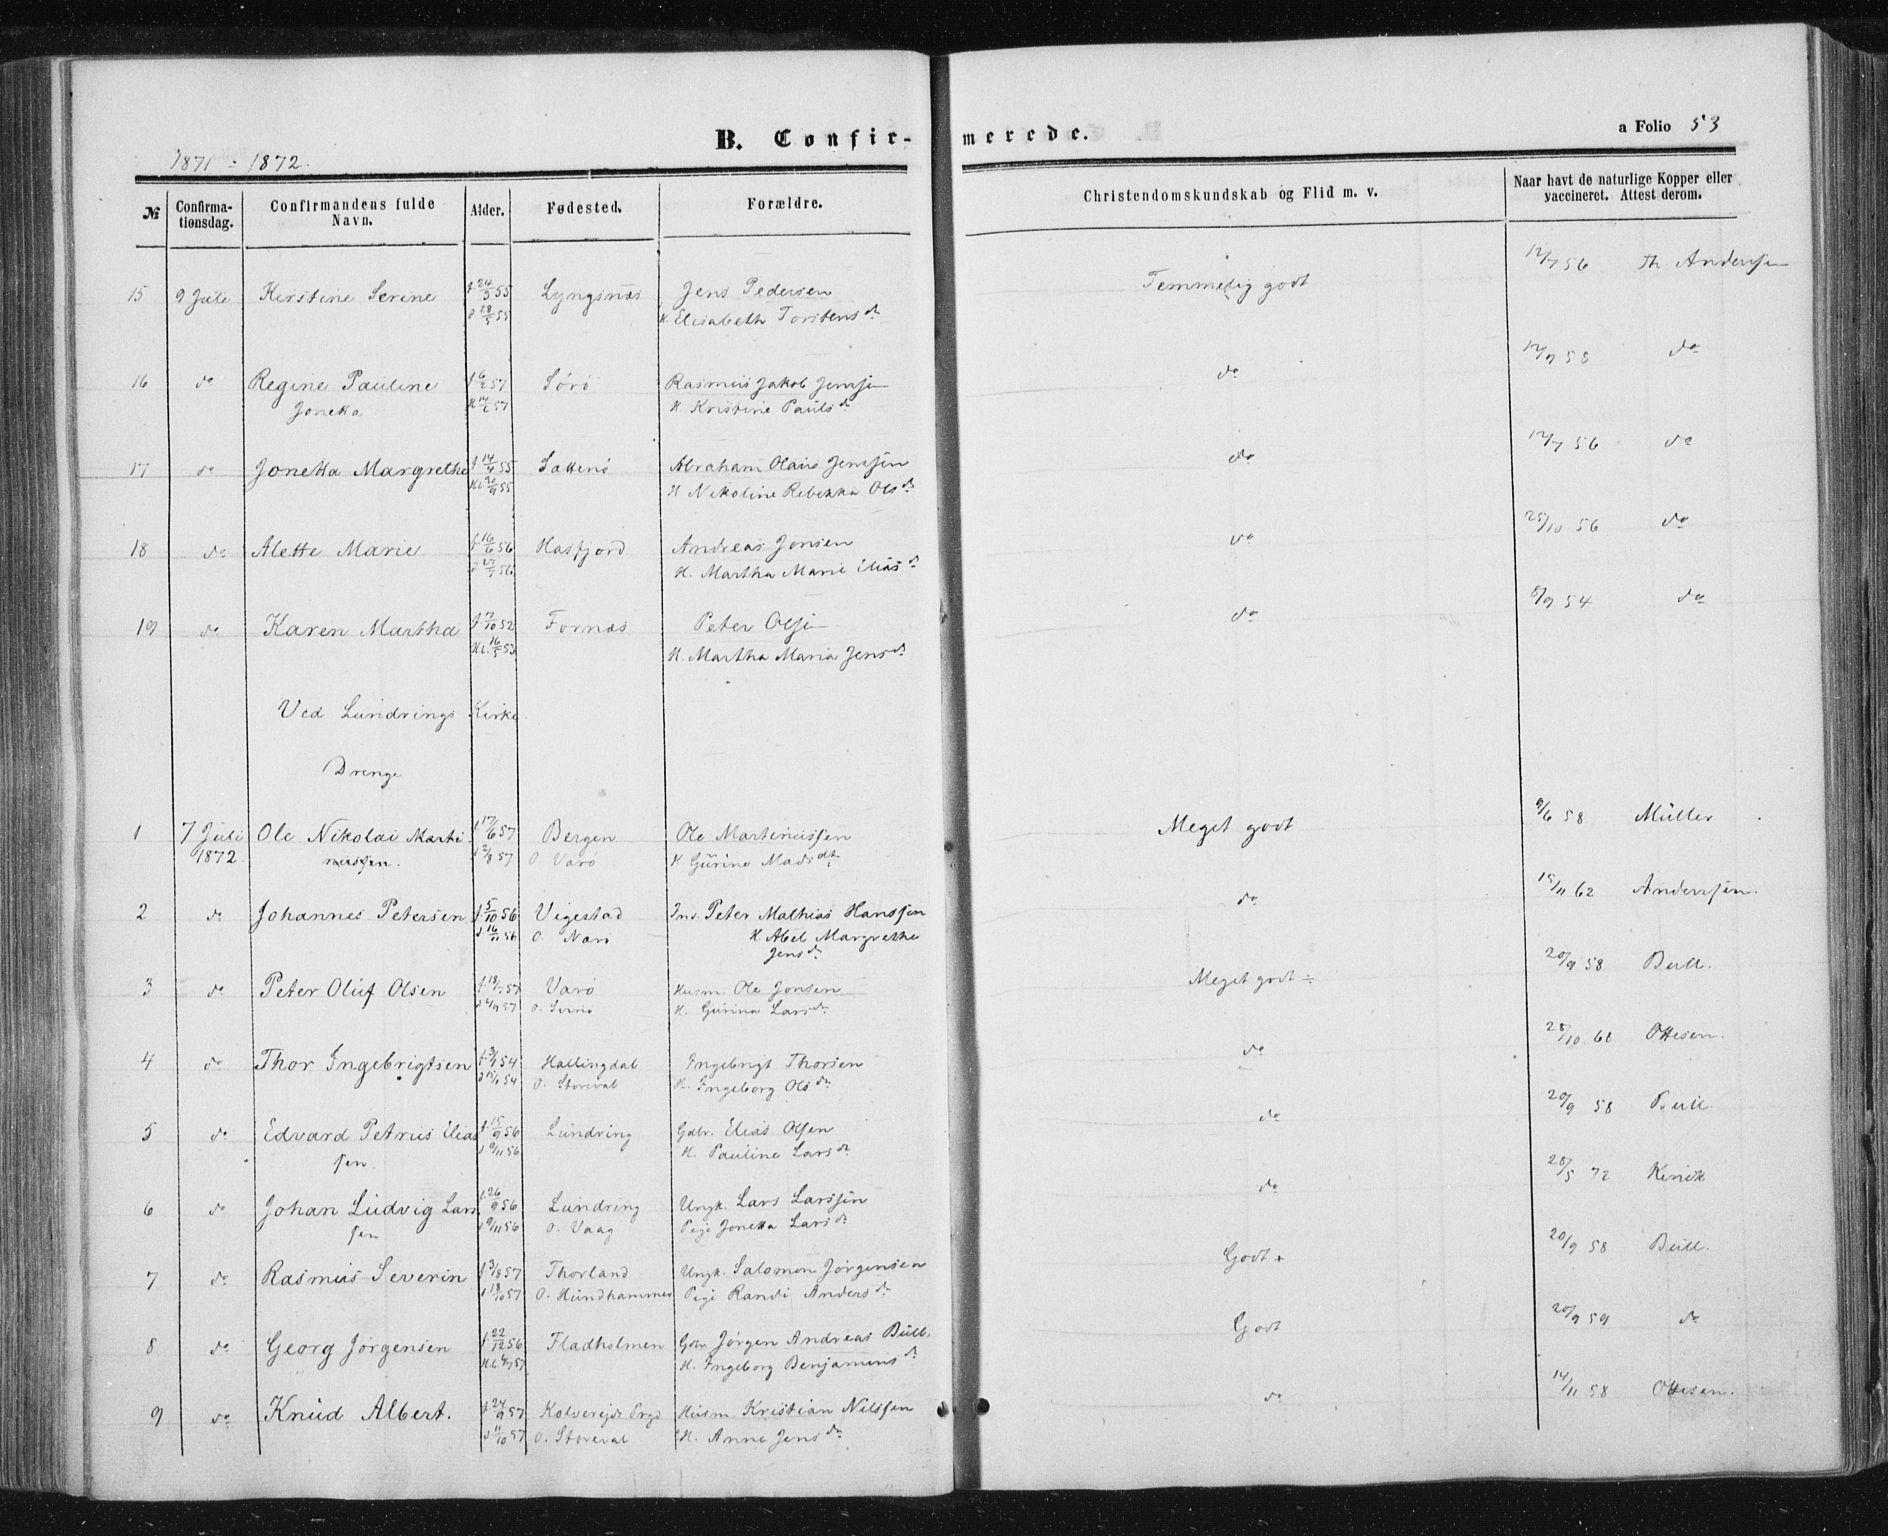 SAT, Ministerialprotokoller, klokkerbøker og fødselsregistre - Nord-Trøndelag, 784/L0670: Ministerialbok nr. 784A05, 1860-1876, s. 53